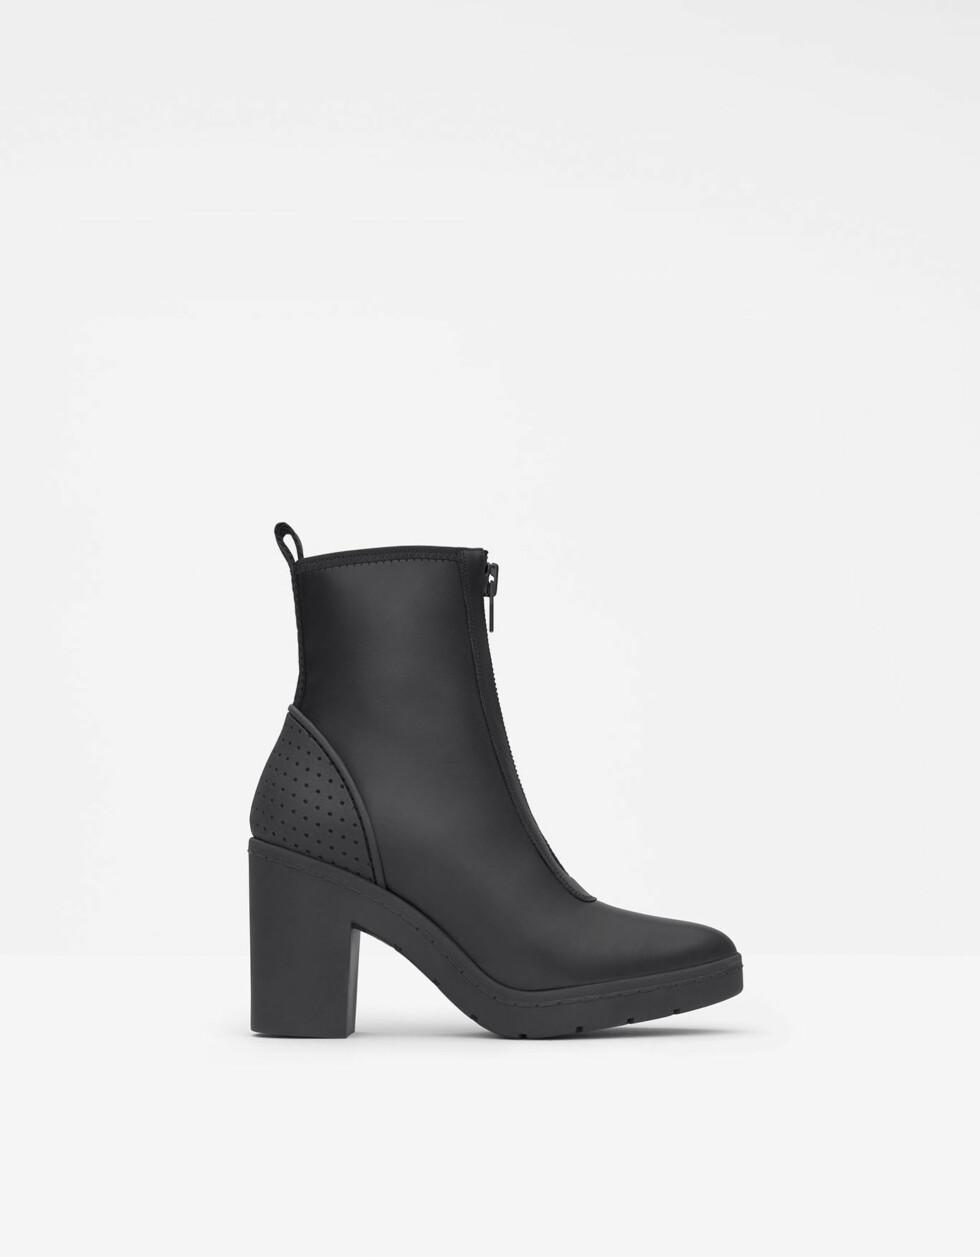 Boots, kr 1500.